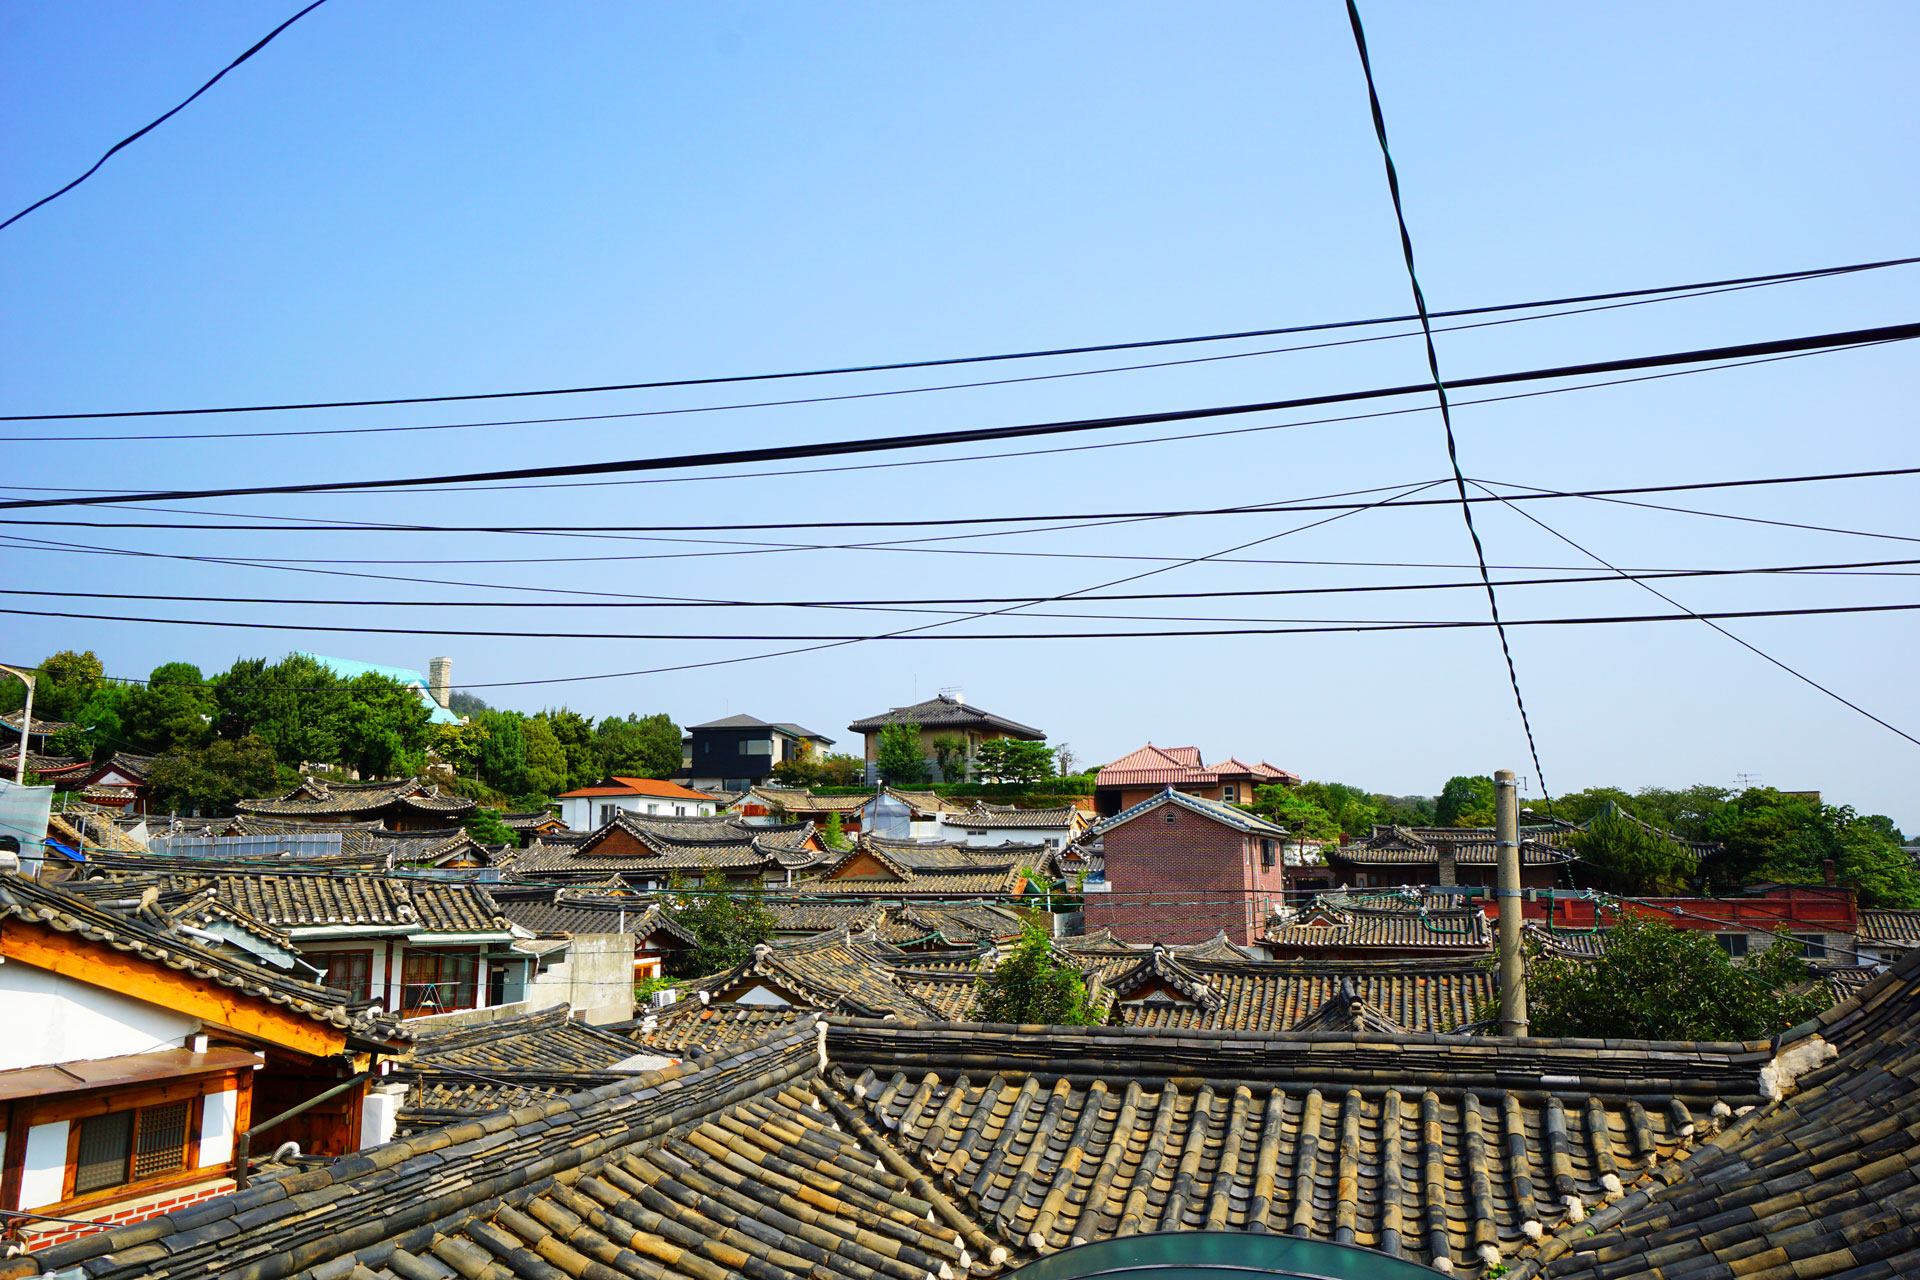 Typisch für Bukcheon sind die traditionell gedeckten Dächer des Viertels.